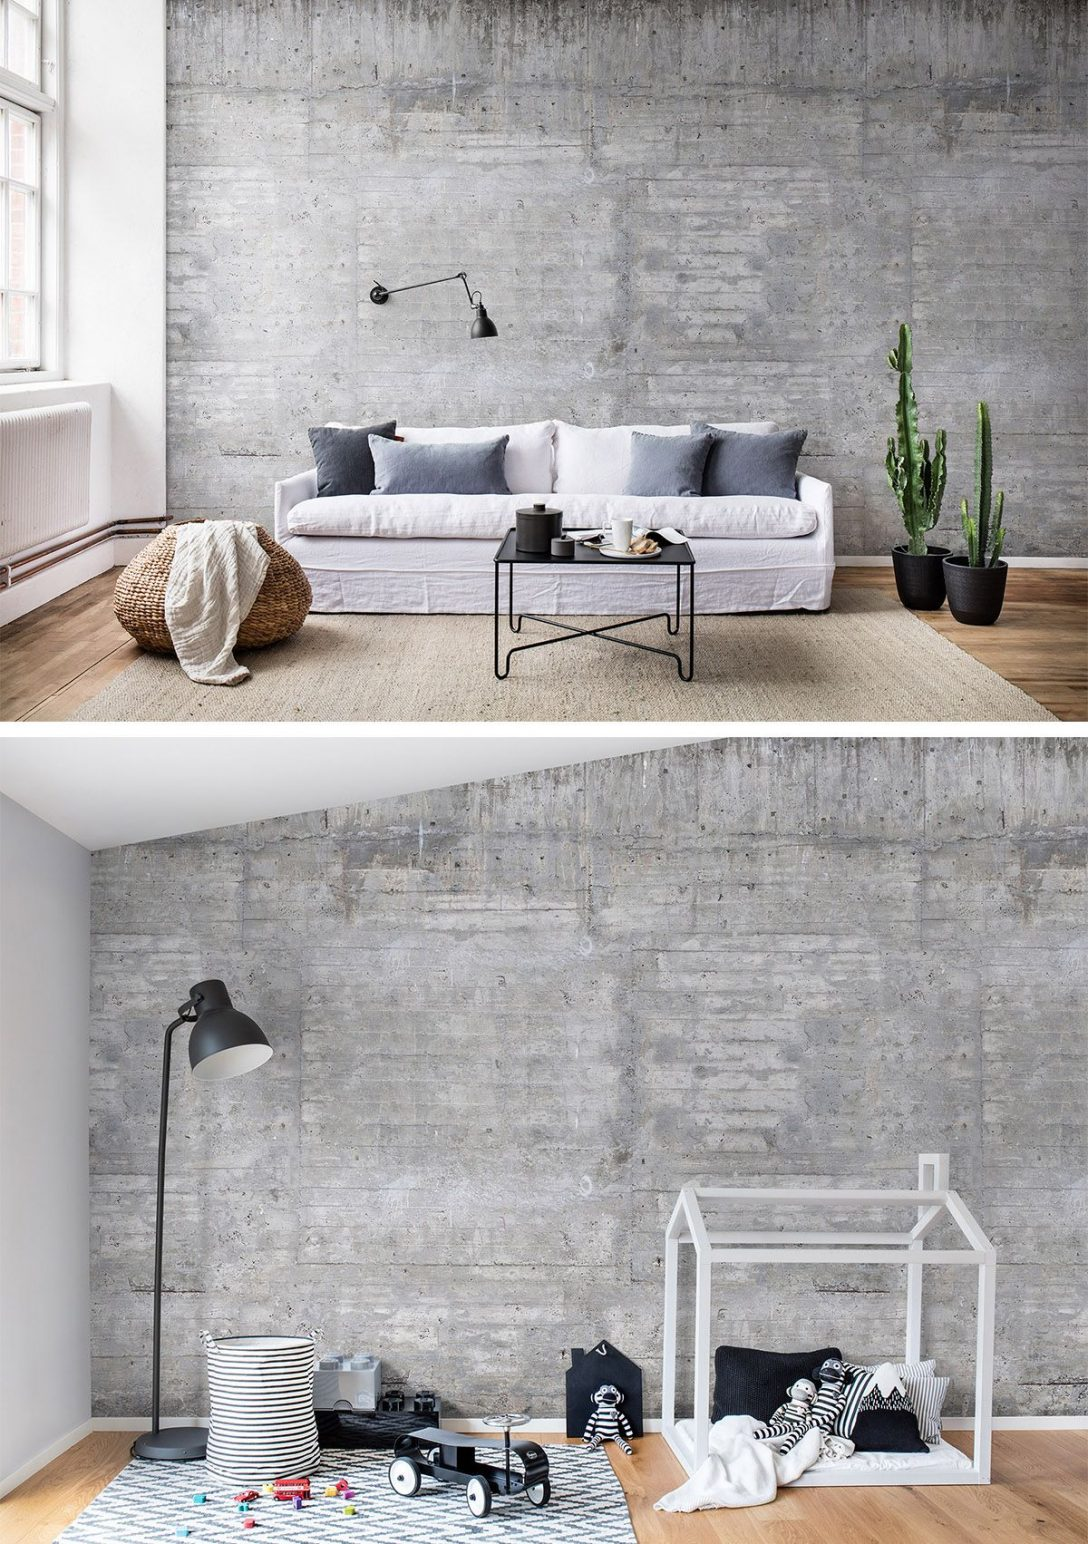 Large Size of Vliestapete Wohnzimmer Wooden Concrete In 2020 Wandgestaltung Tapete Deckenleuchte Hängeschrank Weiß Hochglanz Relaxliege Hängeleuchte Moderne Bilder Fürs Wohnzimmer Vliestapete Wohnzimmer